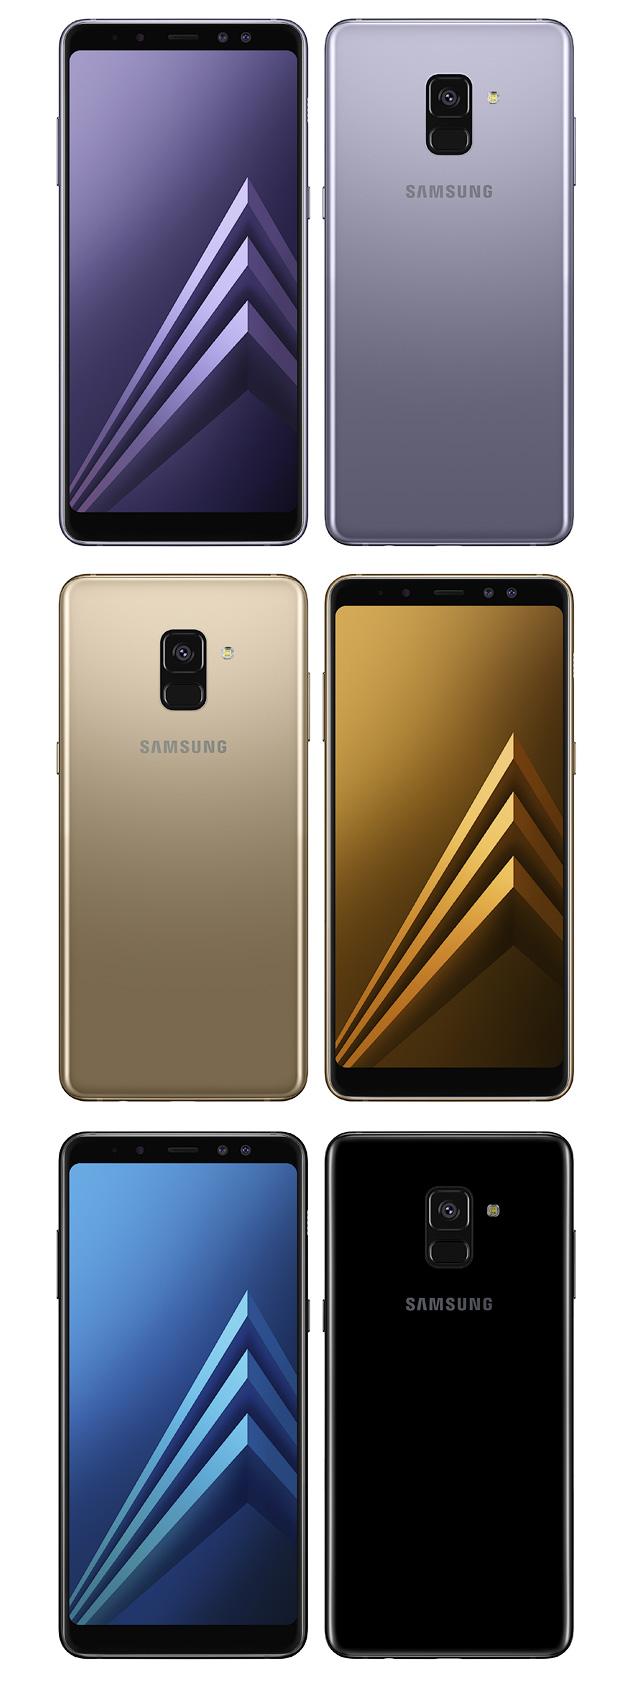 смартфон samsung galaxy a8 2019